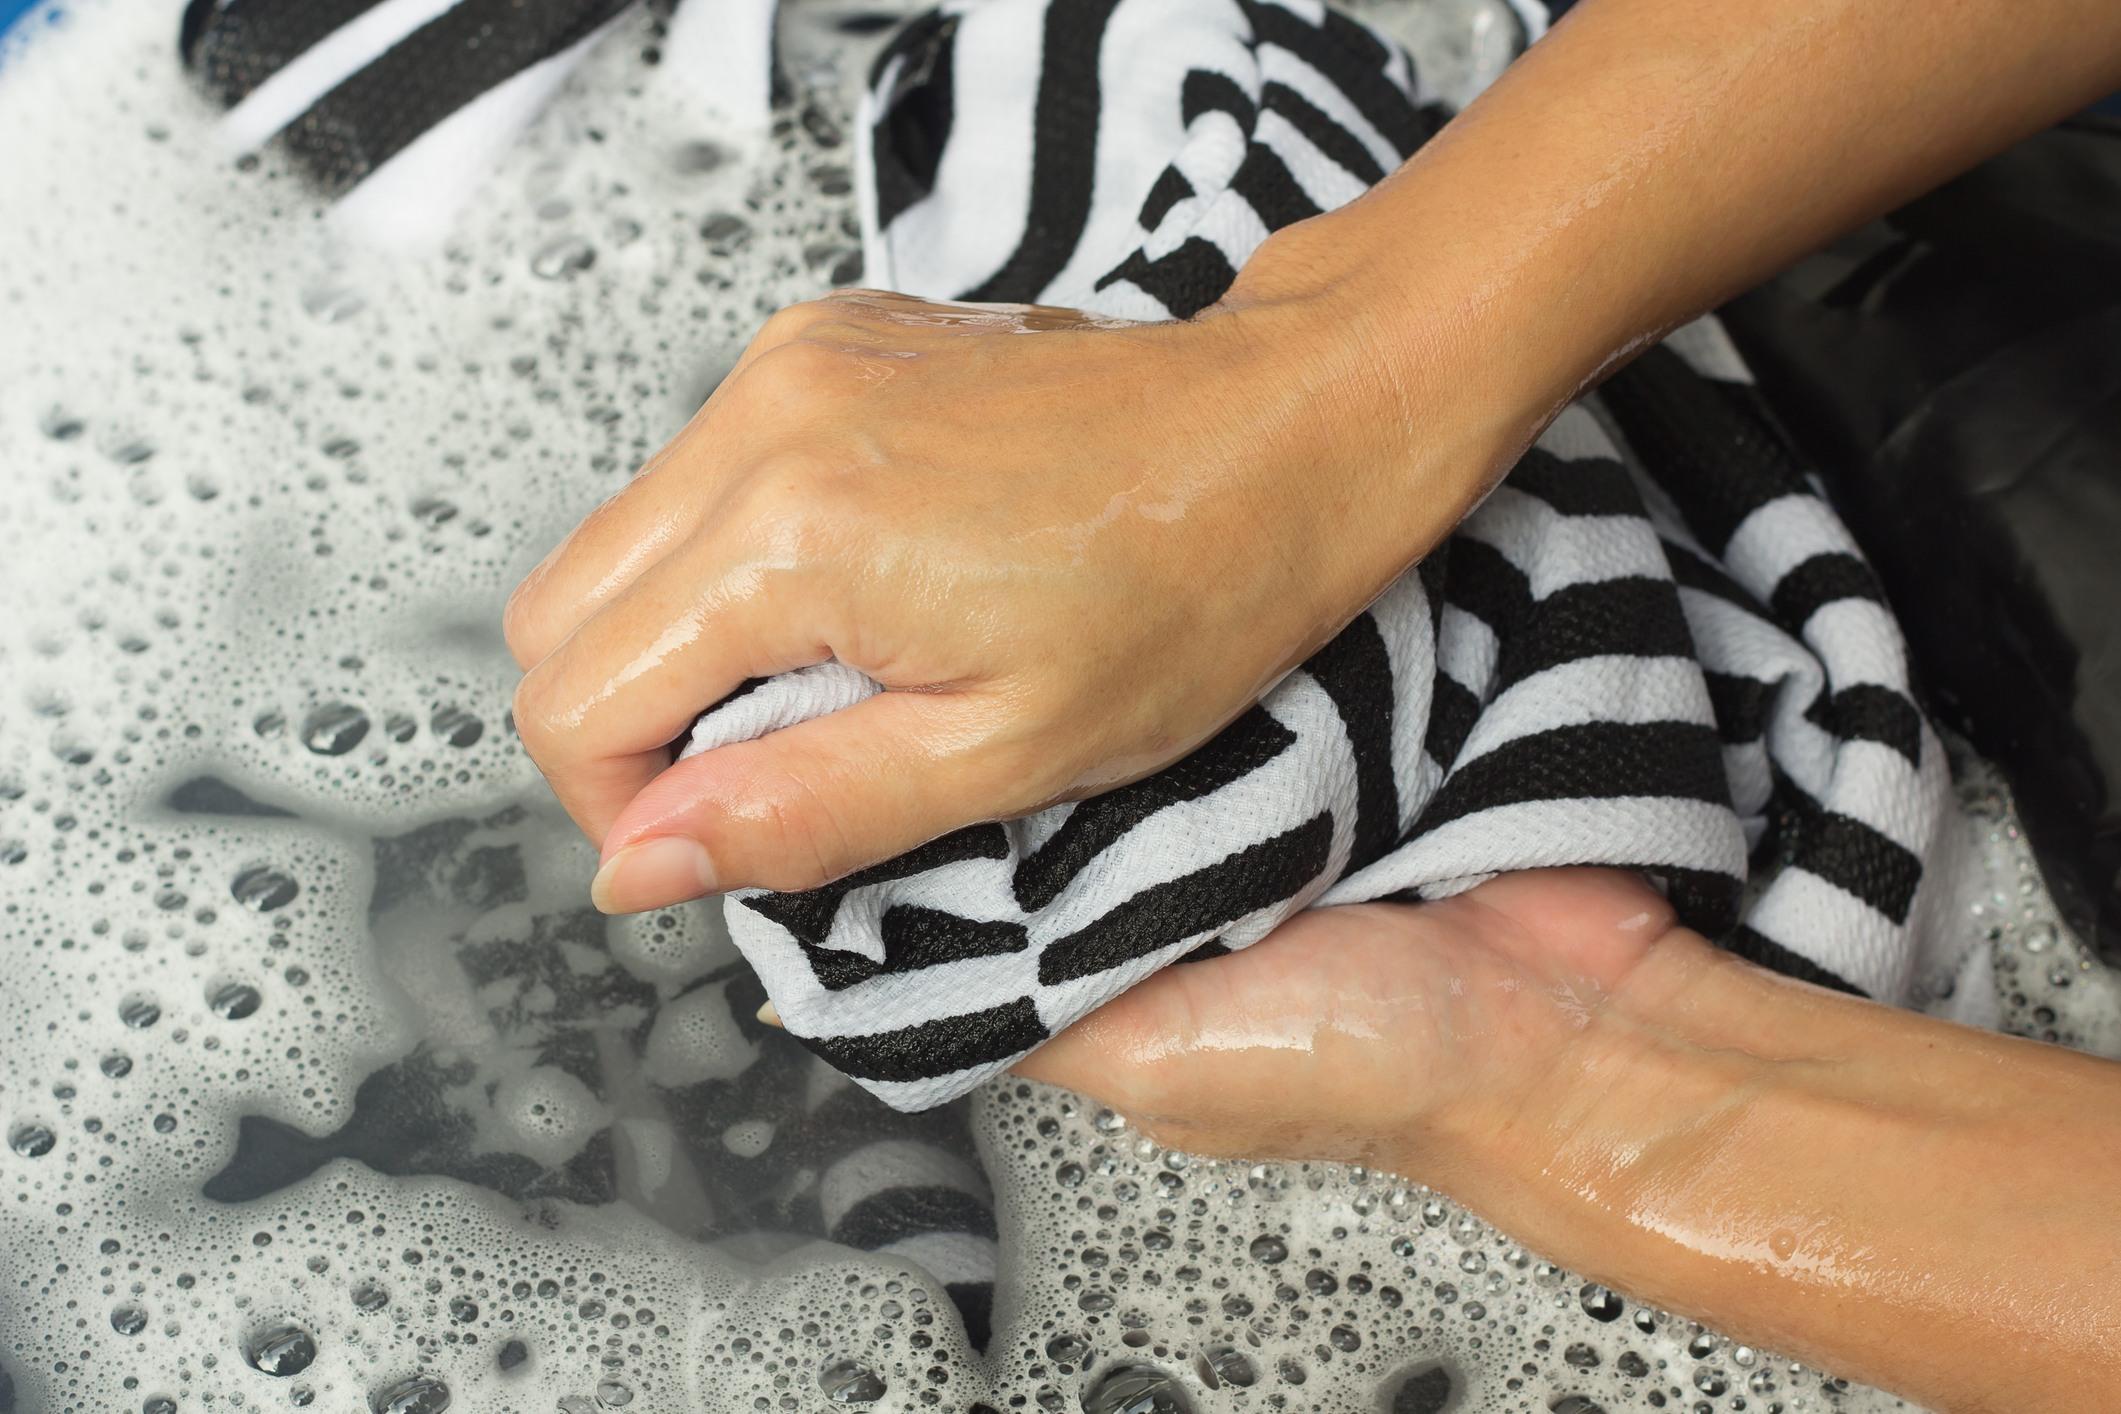 hand-washing laundry